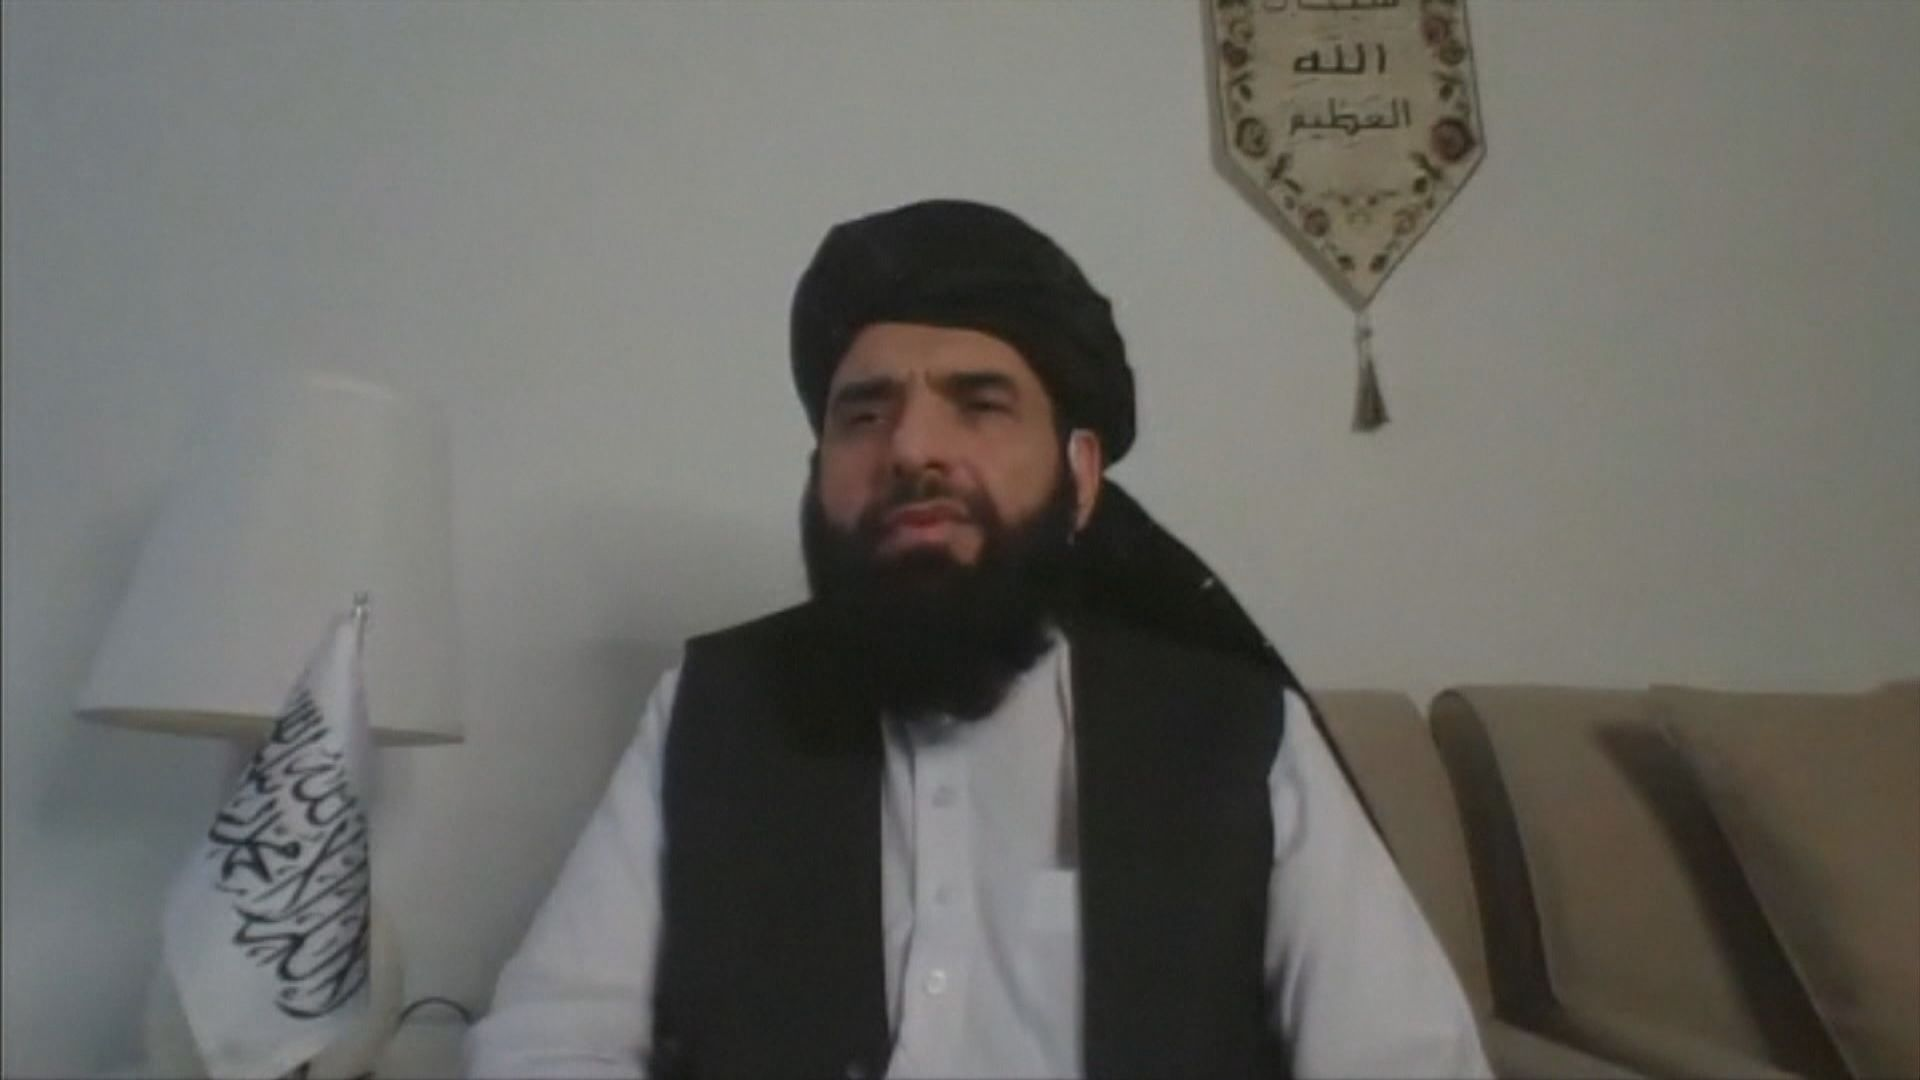 塔利班發言人警告美國勿干預阿富汗文化